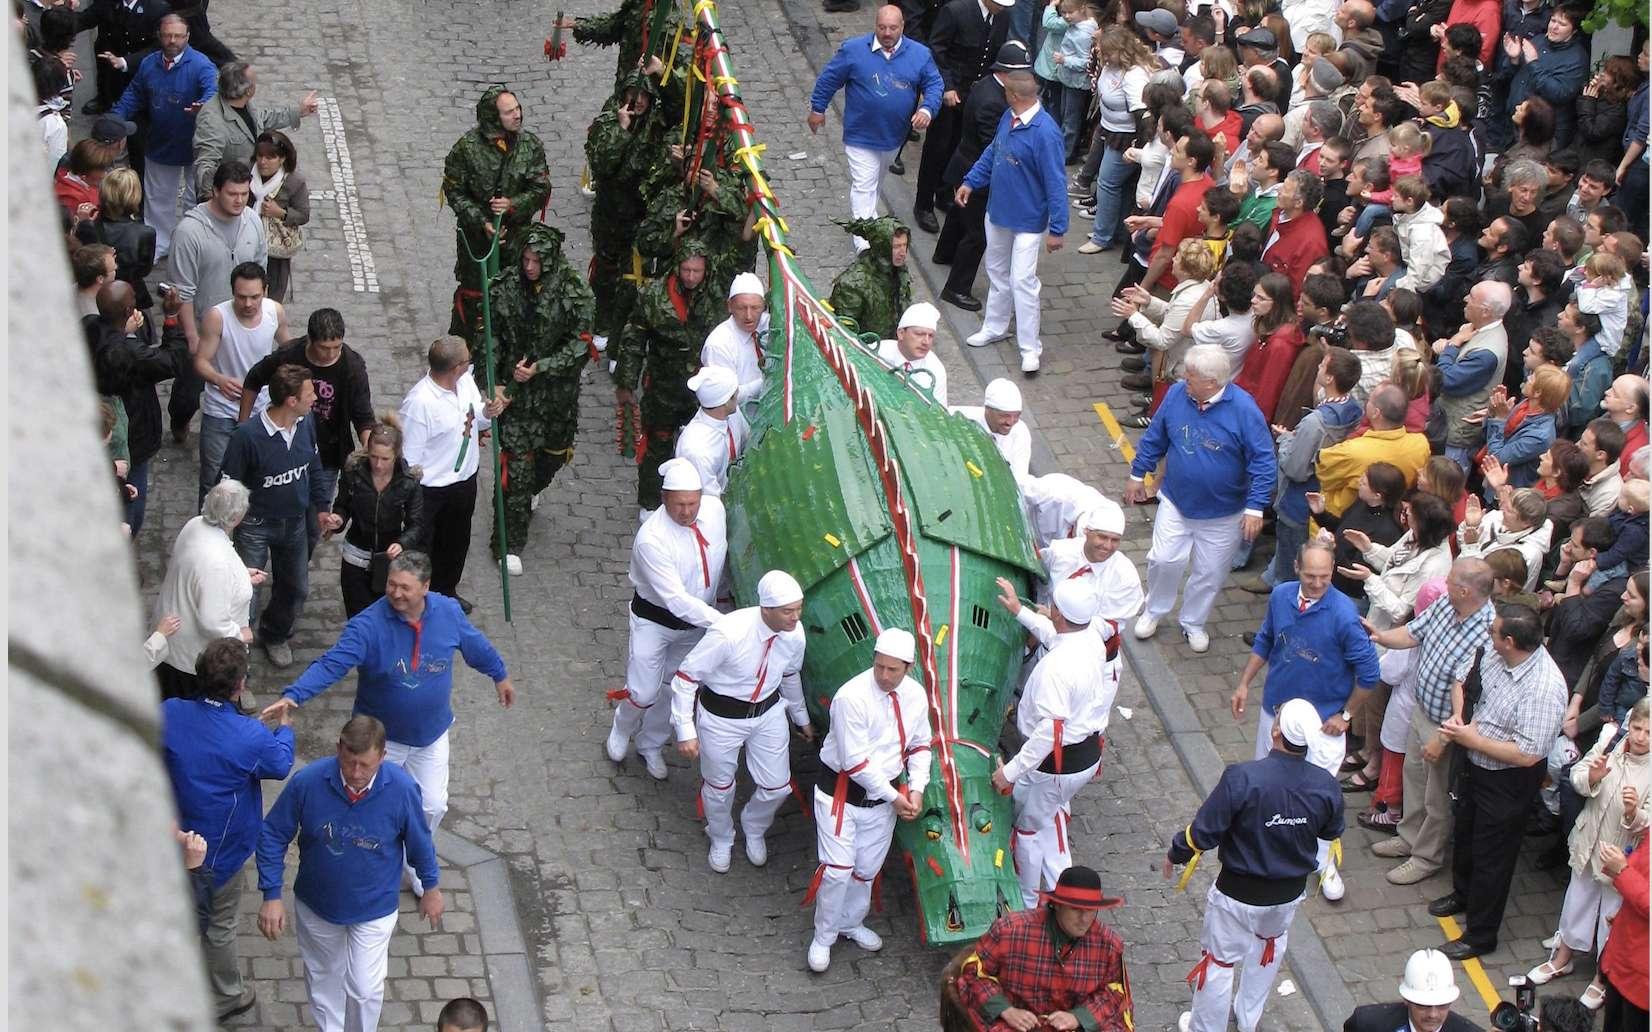 Le Doudou, représentation folklorique du dragon de saint Georges dans la ville de Mons, en Belgique. © Wikimedia Commons, Domaine public.